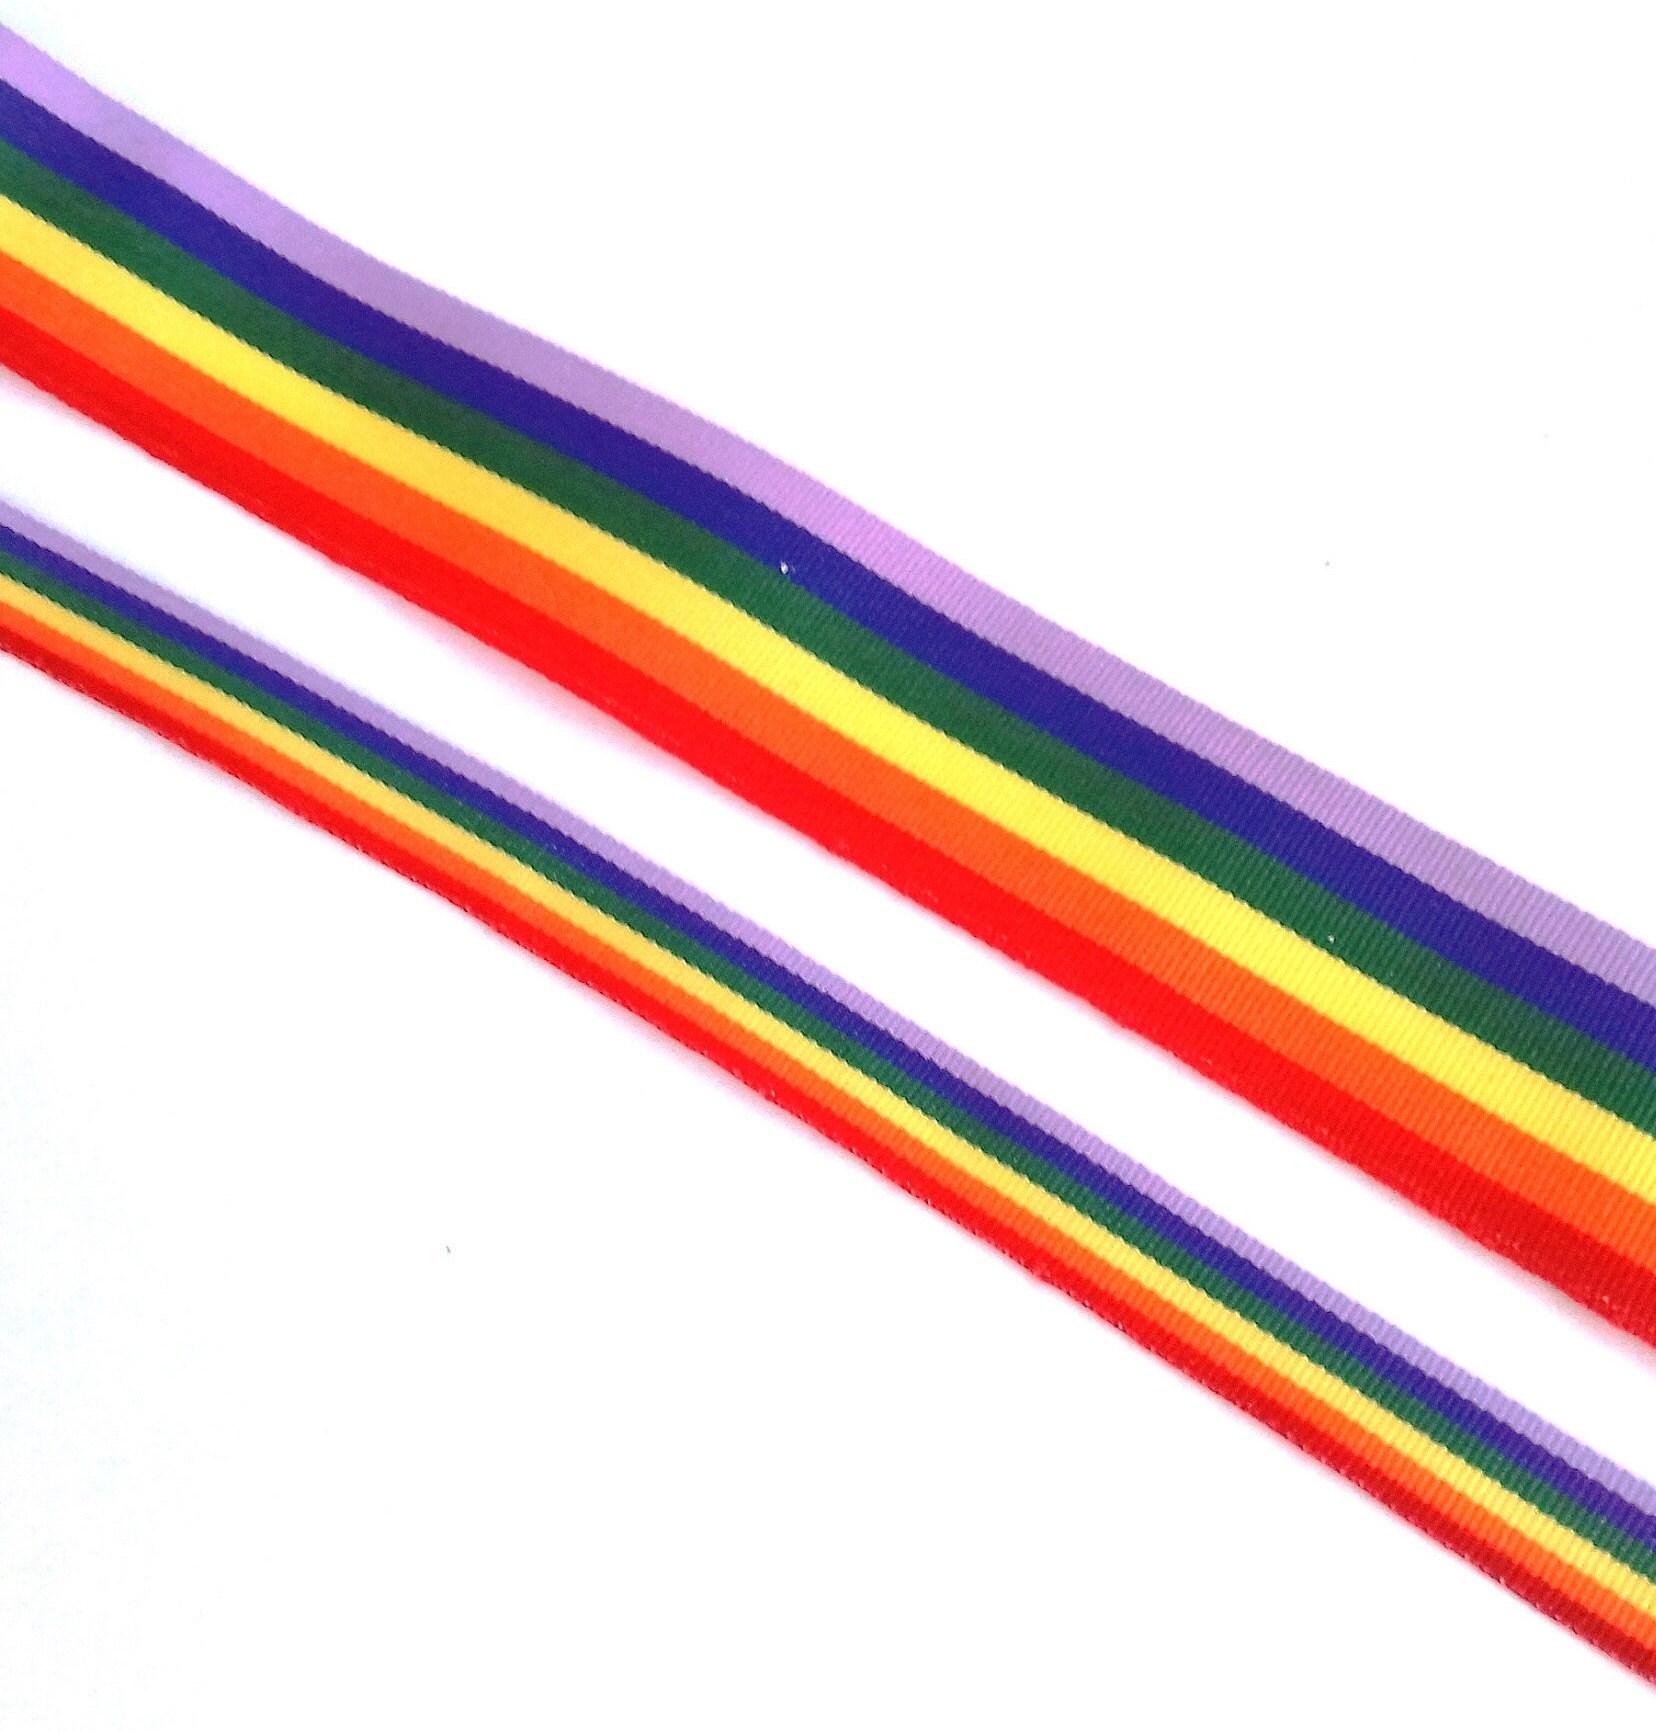 Gay rainbow ribbons